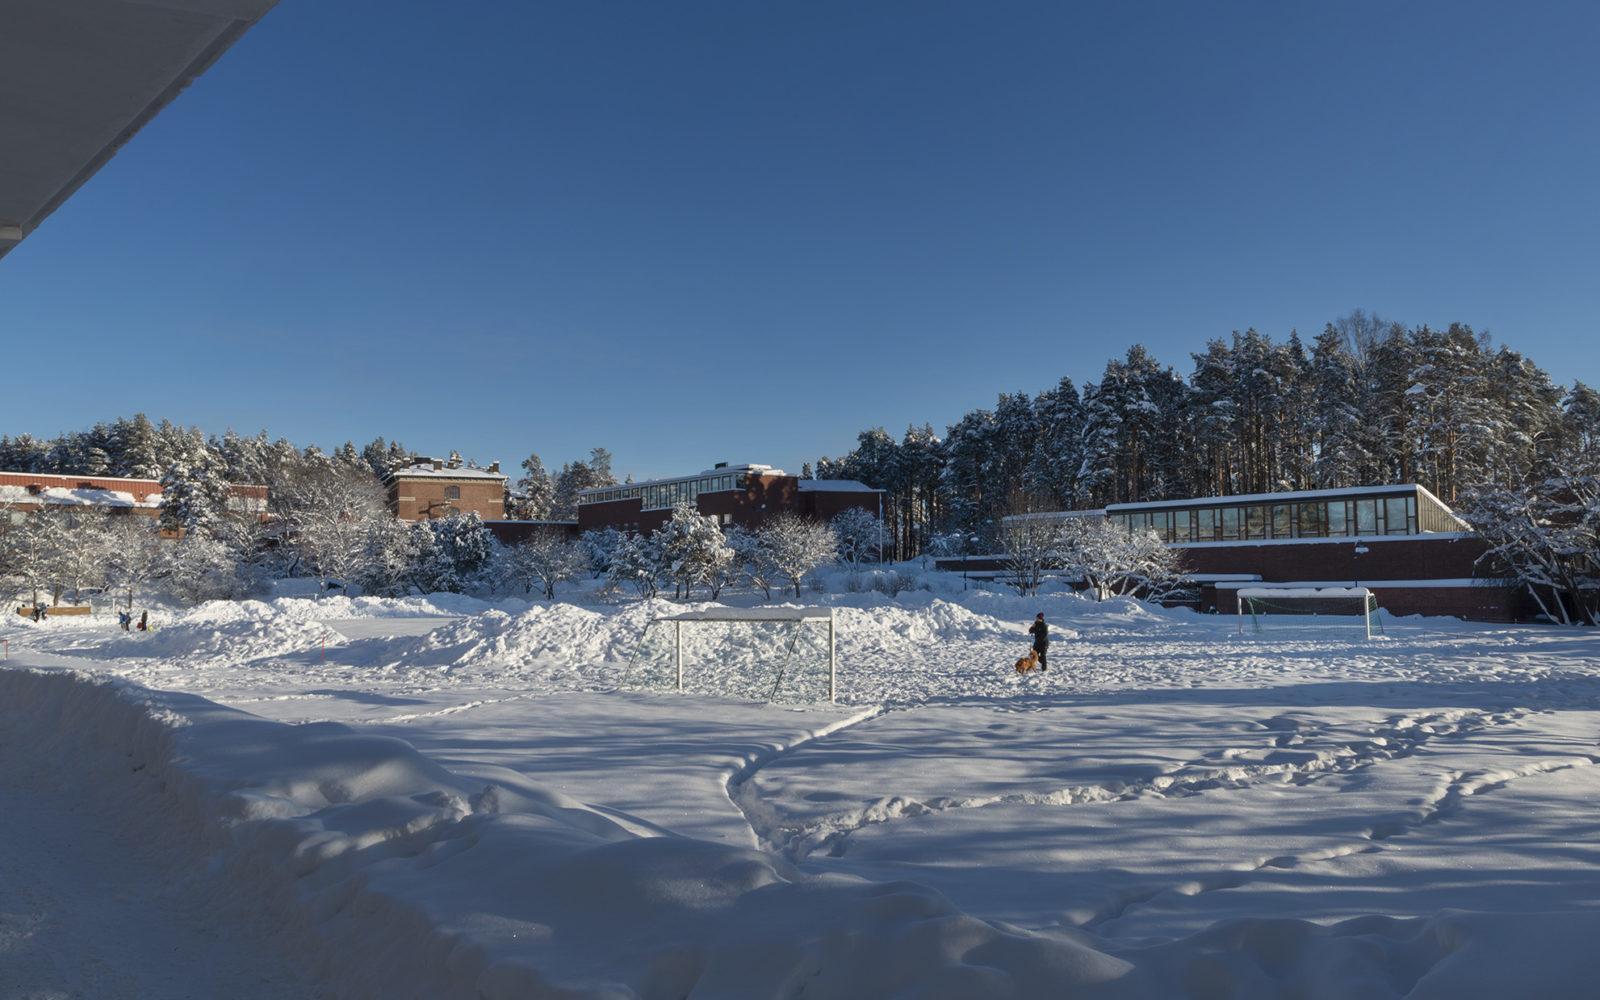 Jyväskylän yliopiston kampus ja seminaarinmäki